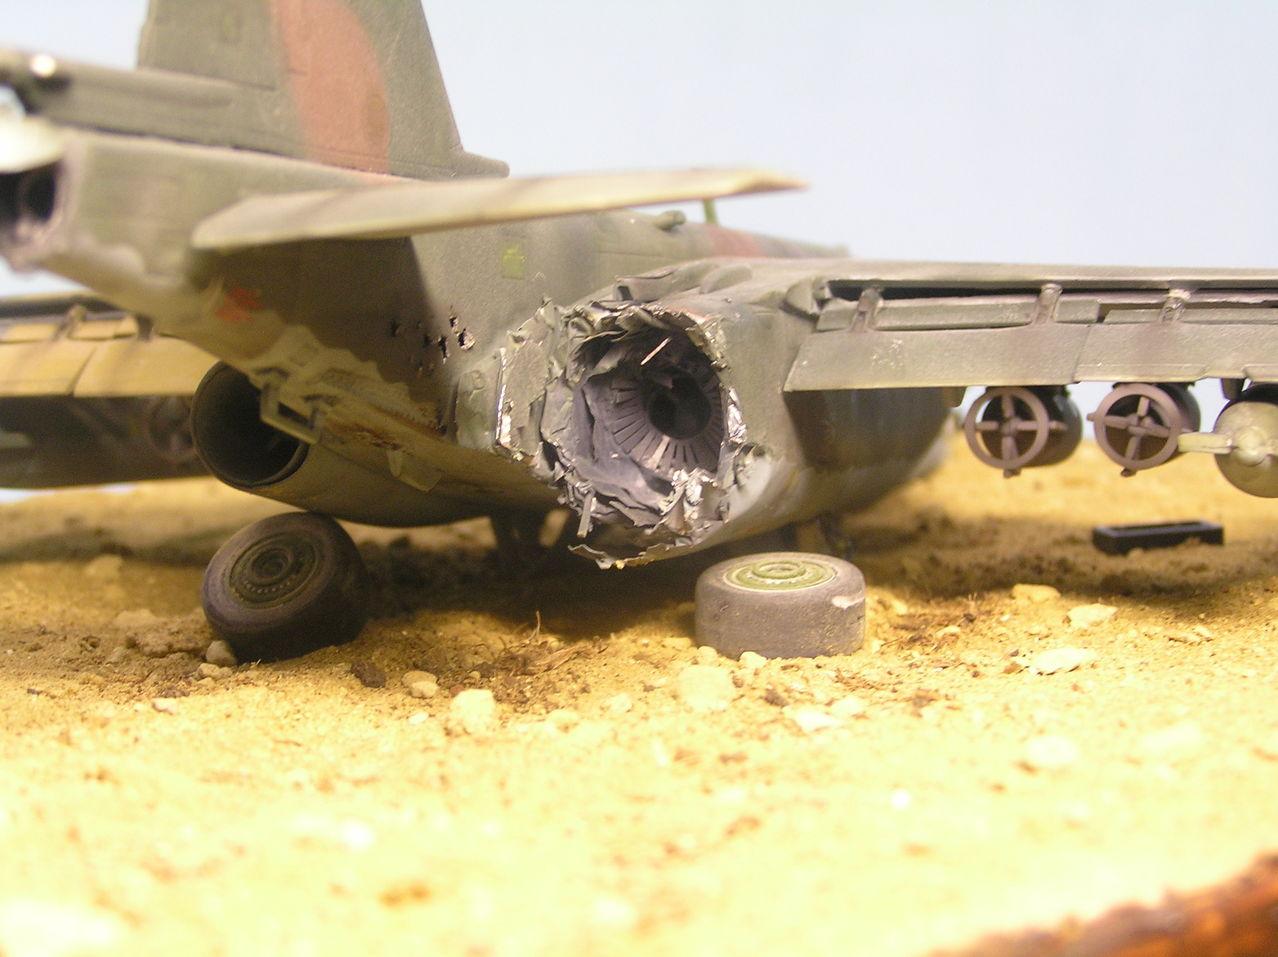 Su-25 1/48  OEZ...Ιστοριες απο το Αφγανισταν !!! - Σελίδα 2 13_a